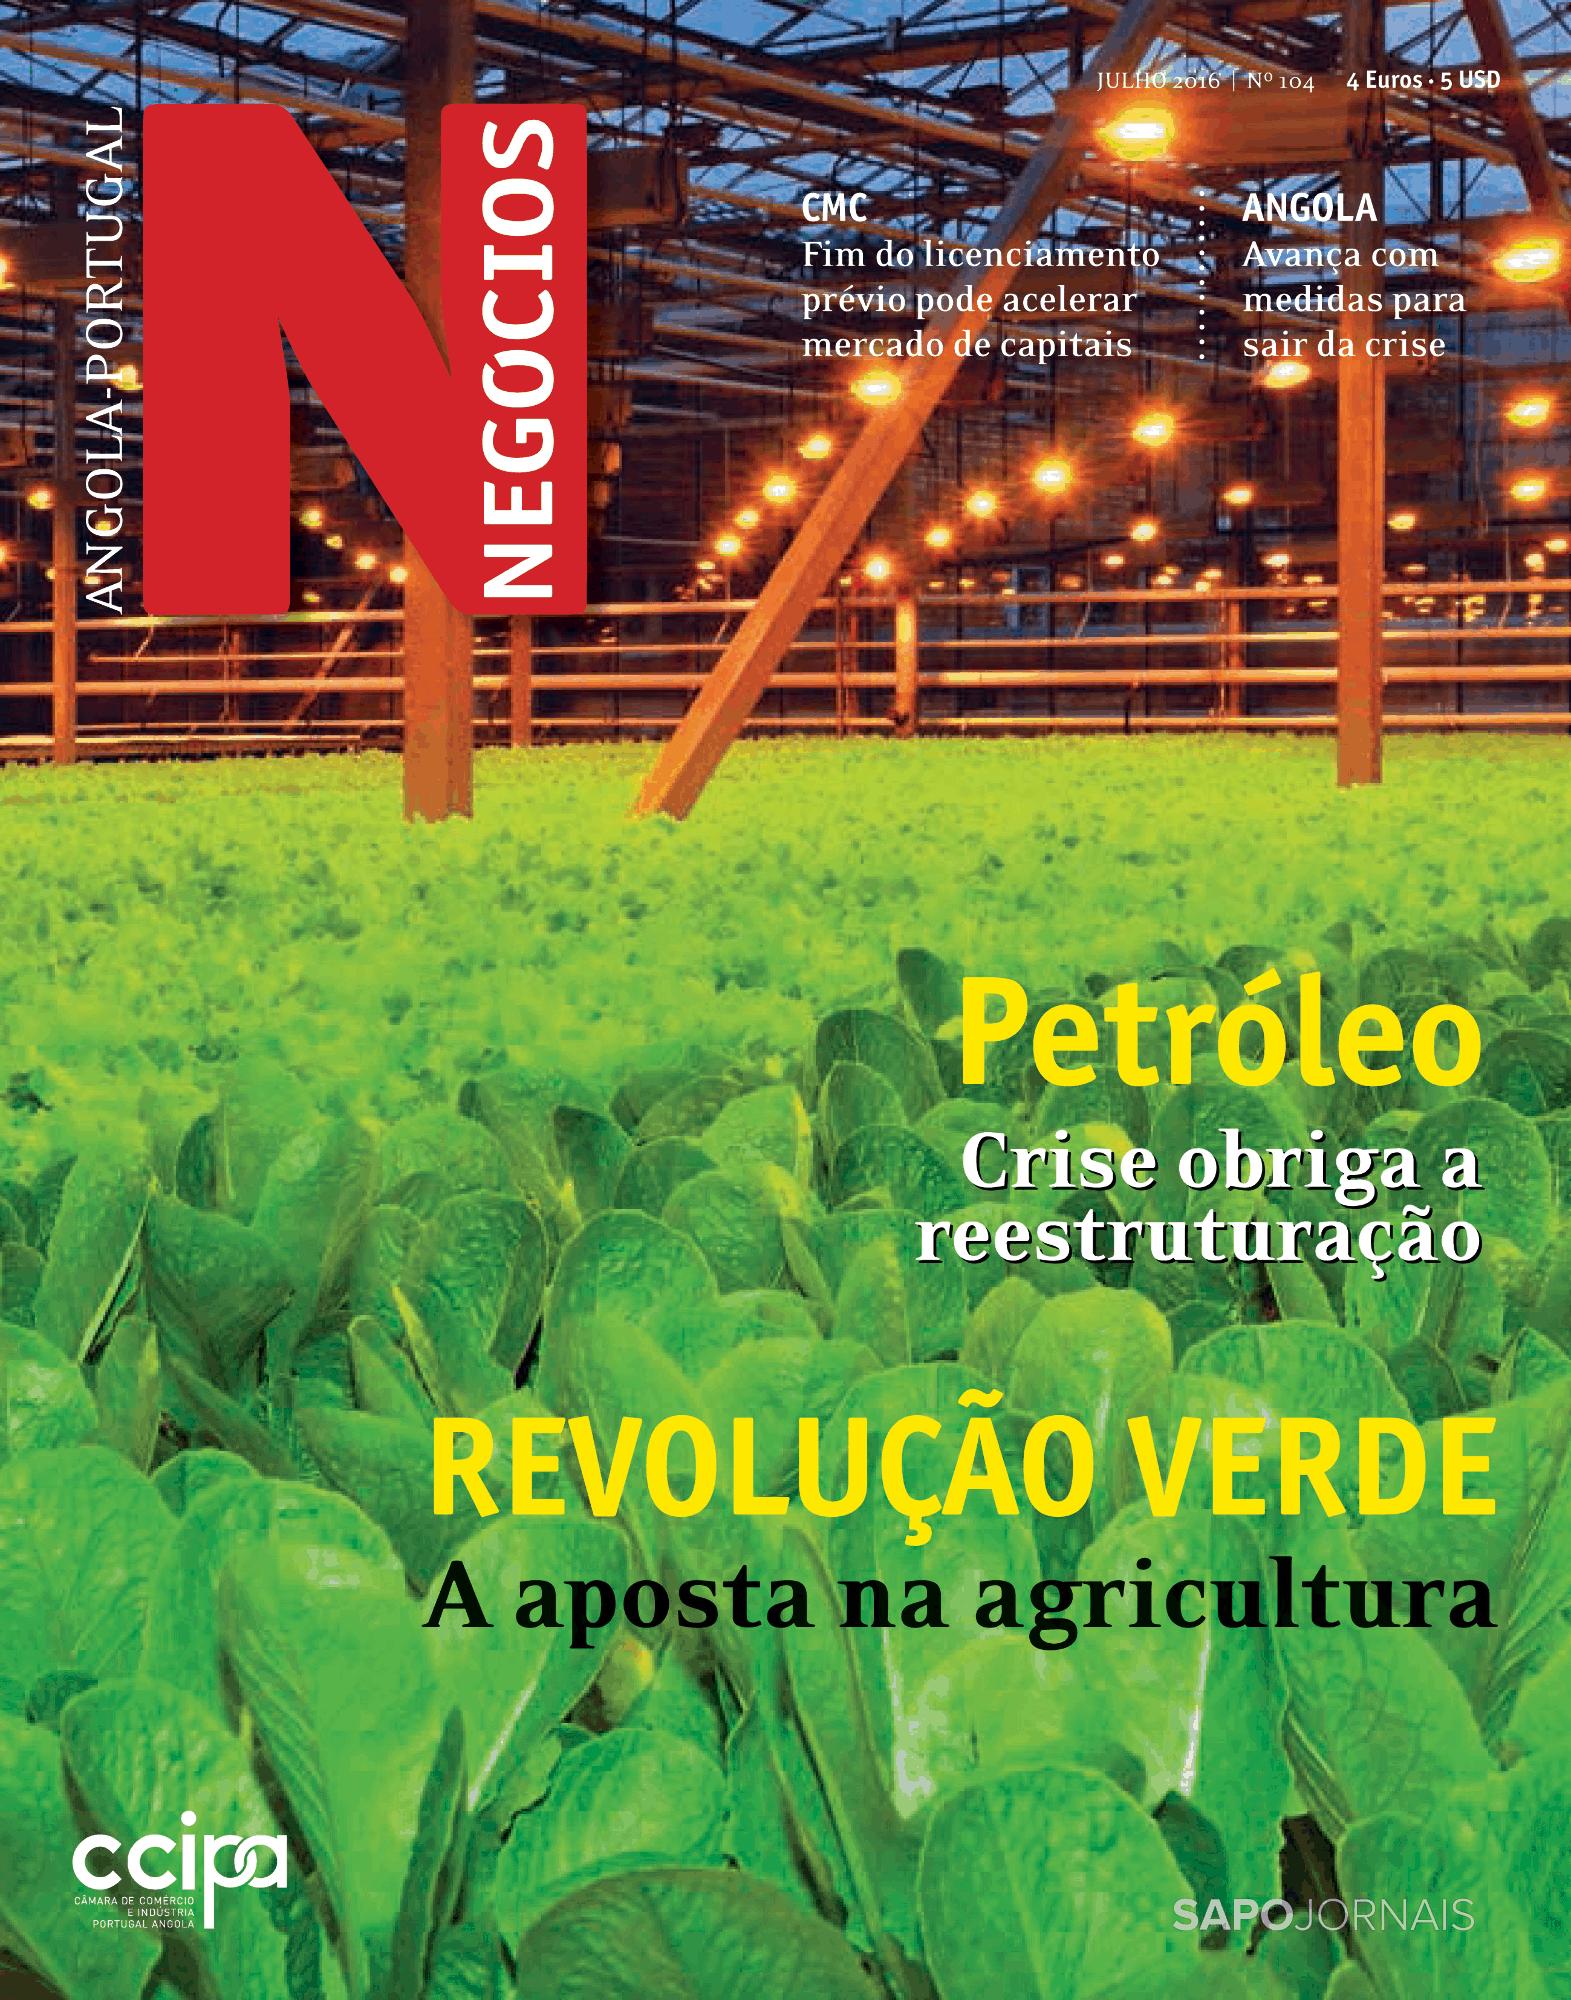 Negócios Angola-Portugal